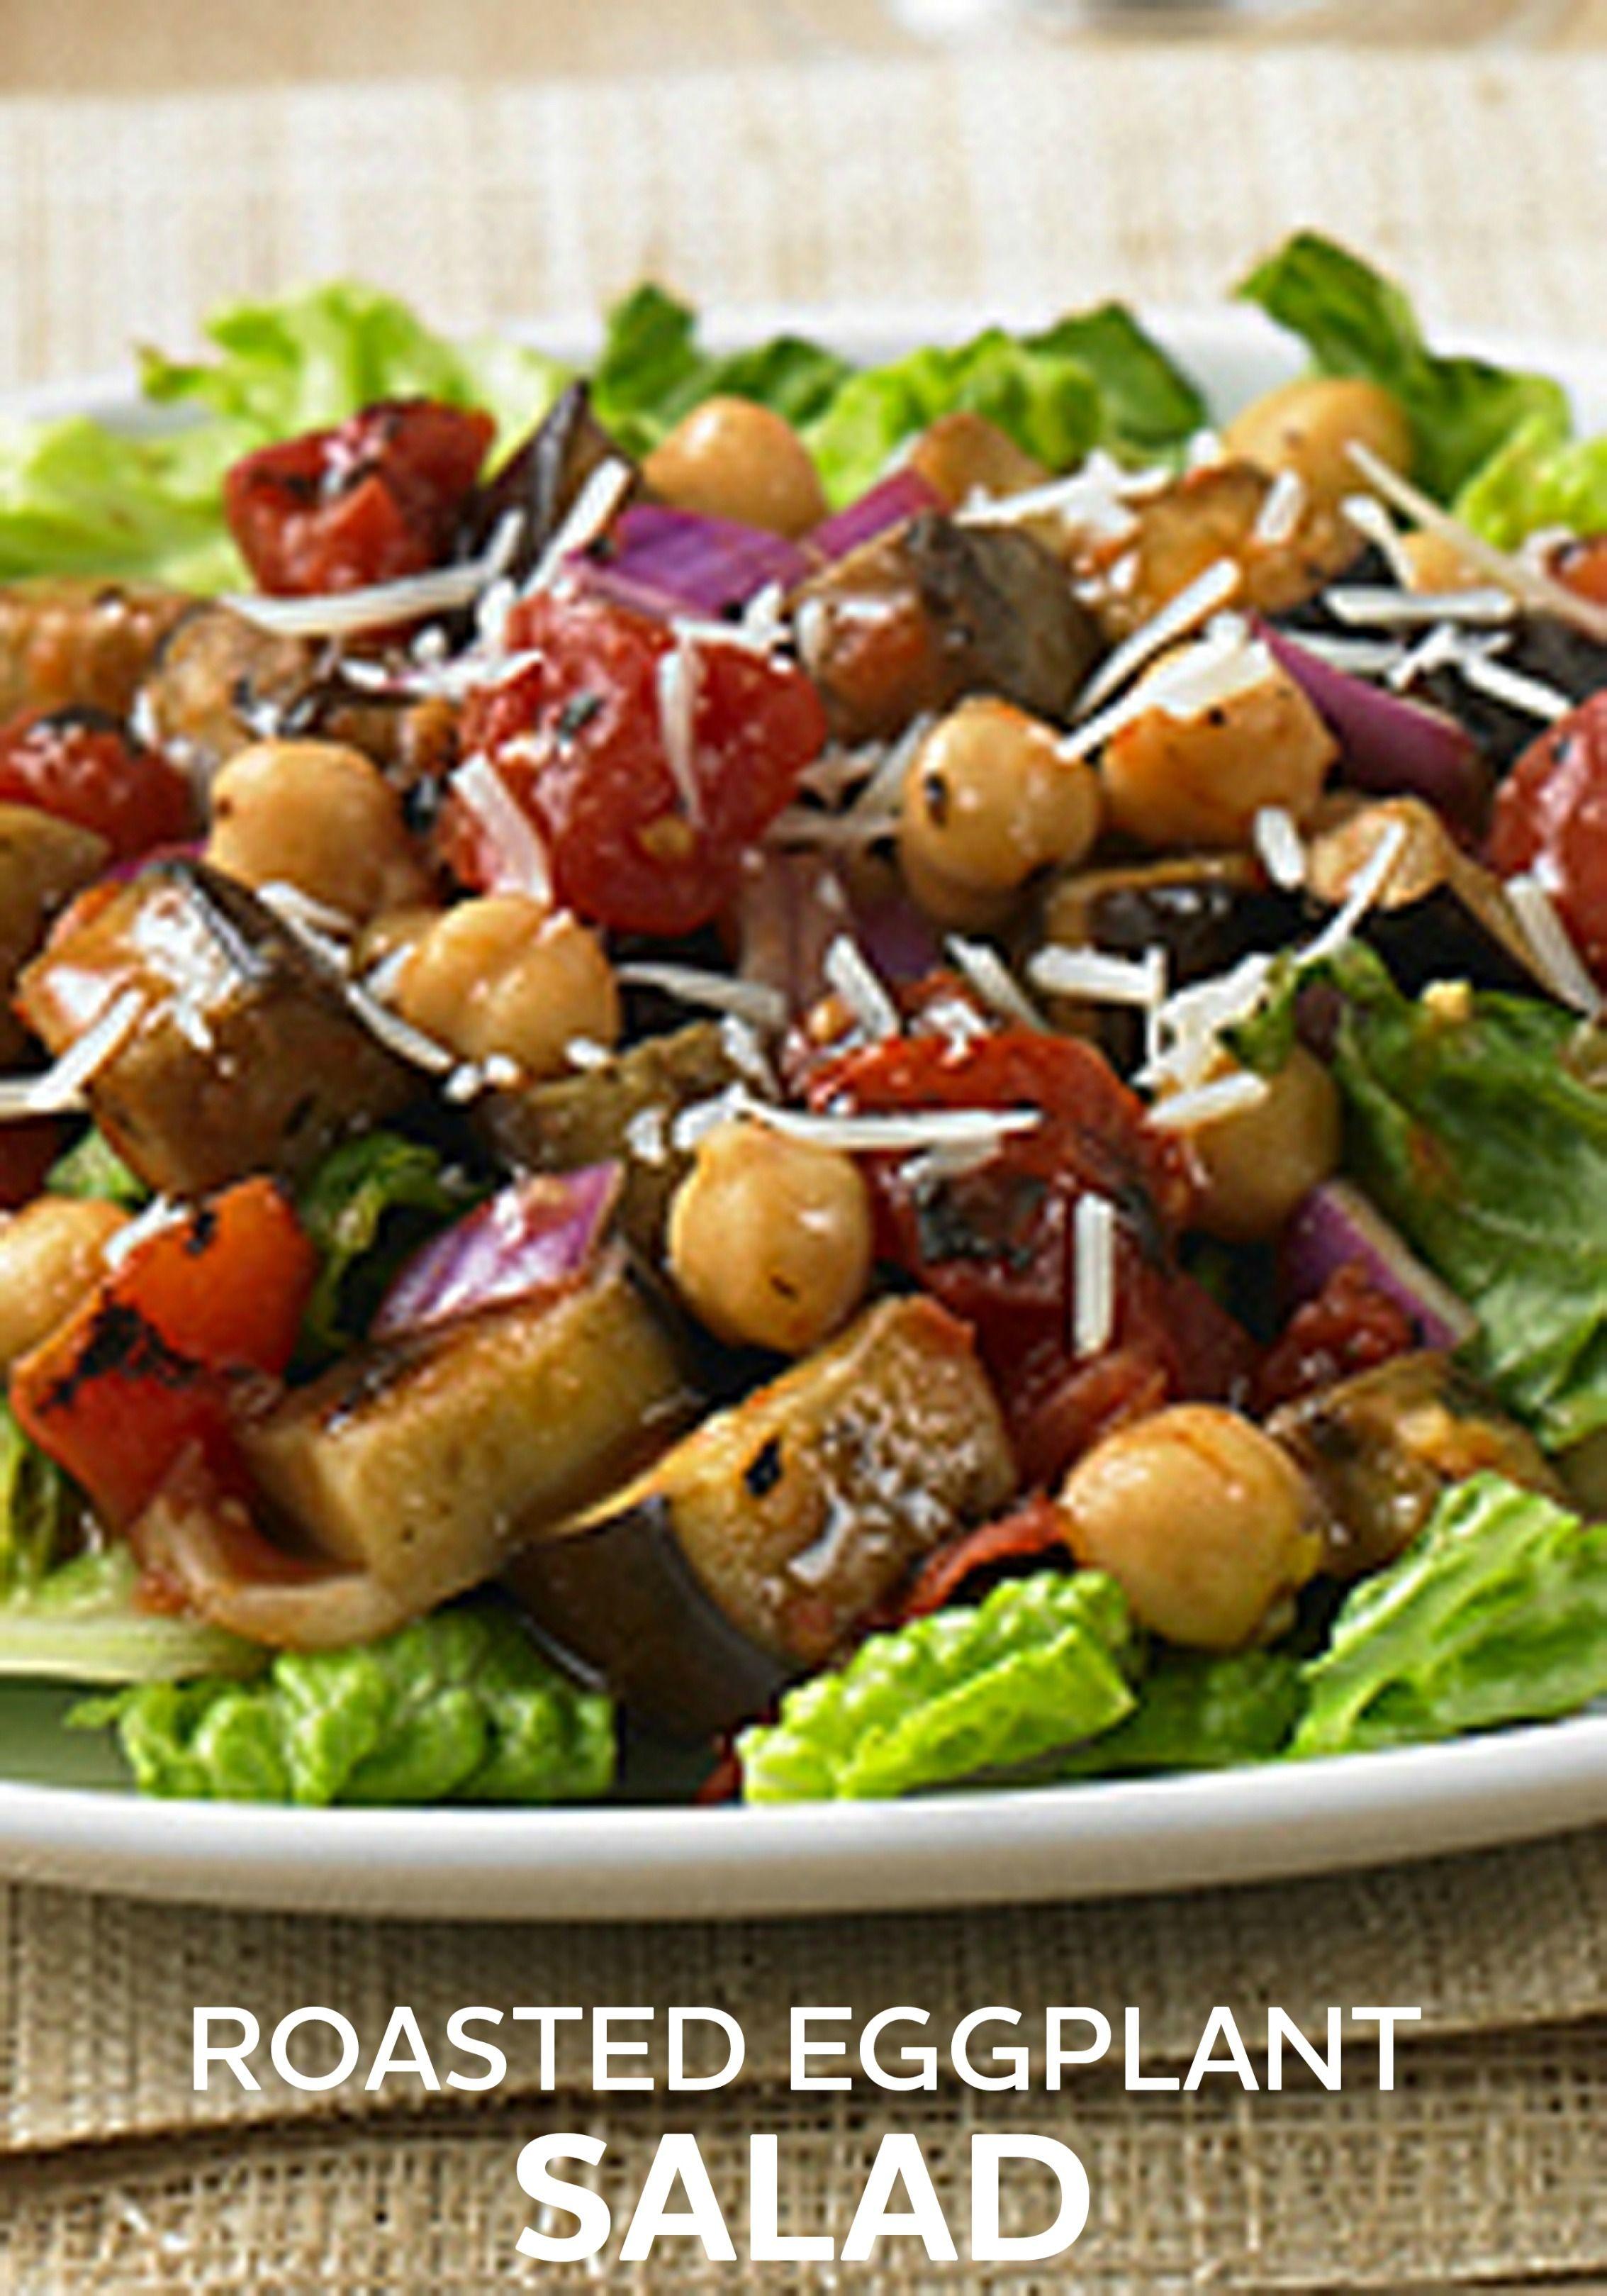 Roasted Eggplant Salad Recipe Roasted Eggplant Salad Satisfying Salads Eggplant Salad